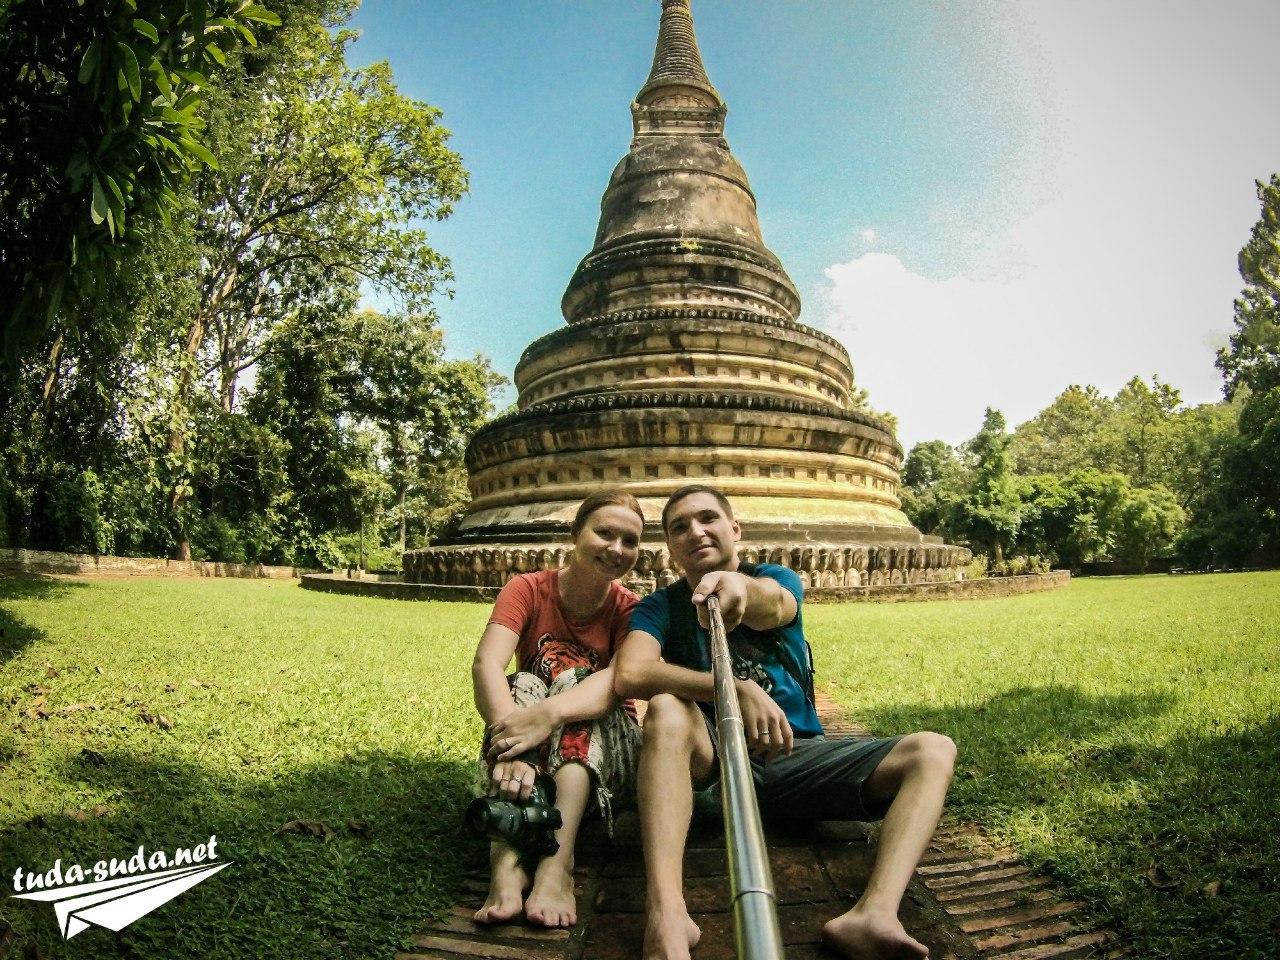 Монастырь Ват умонг